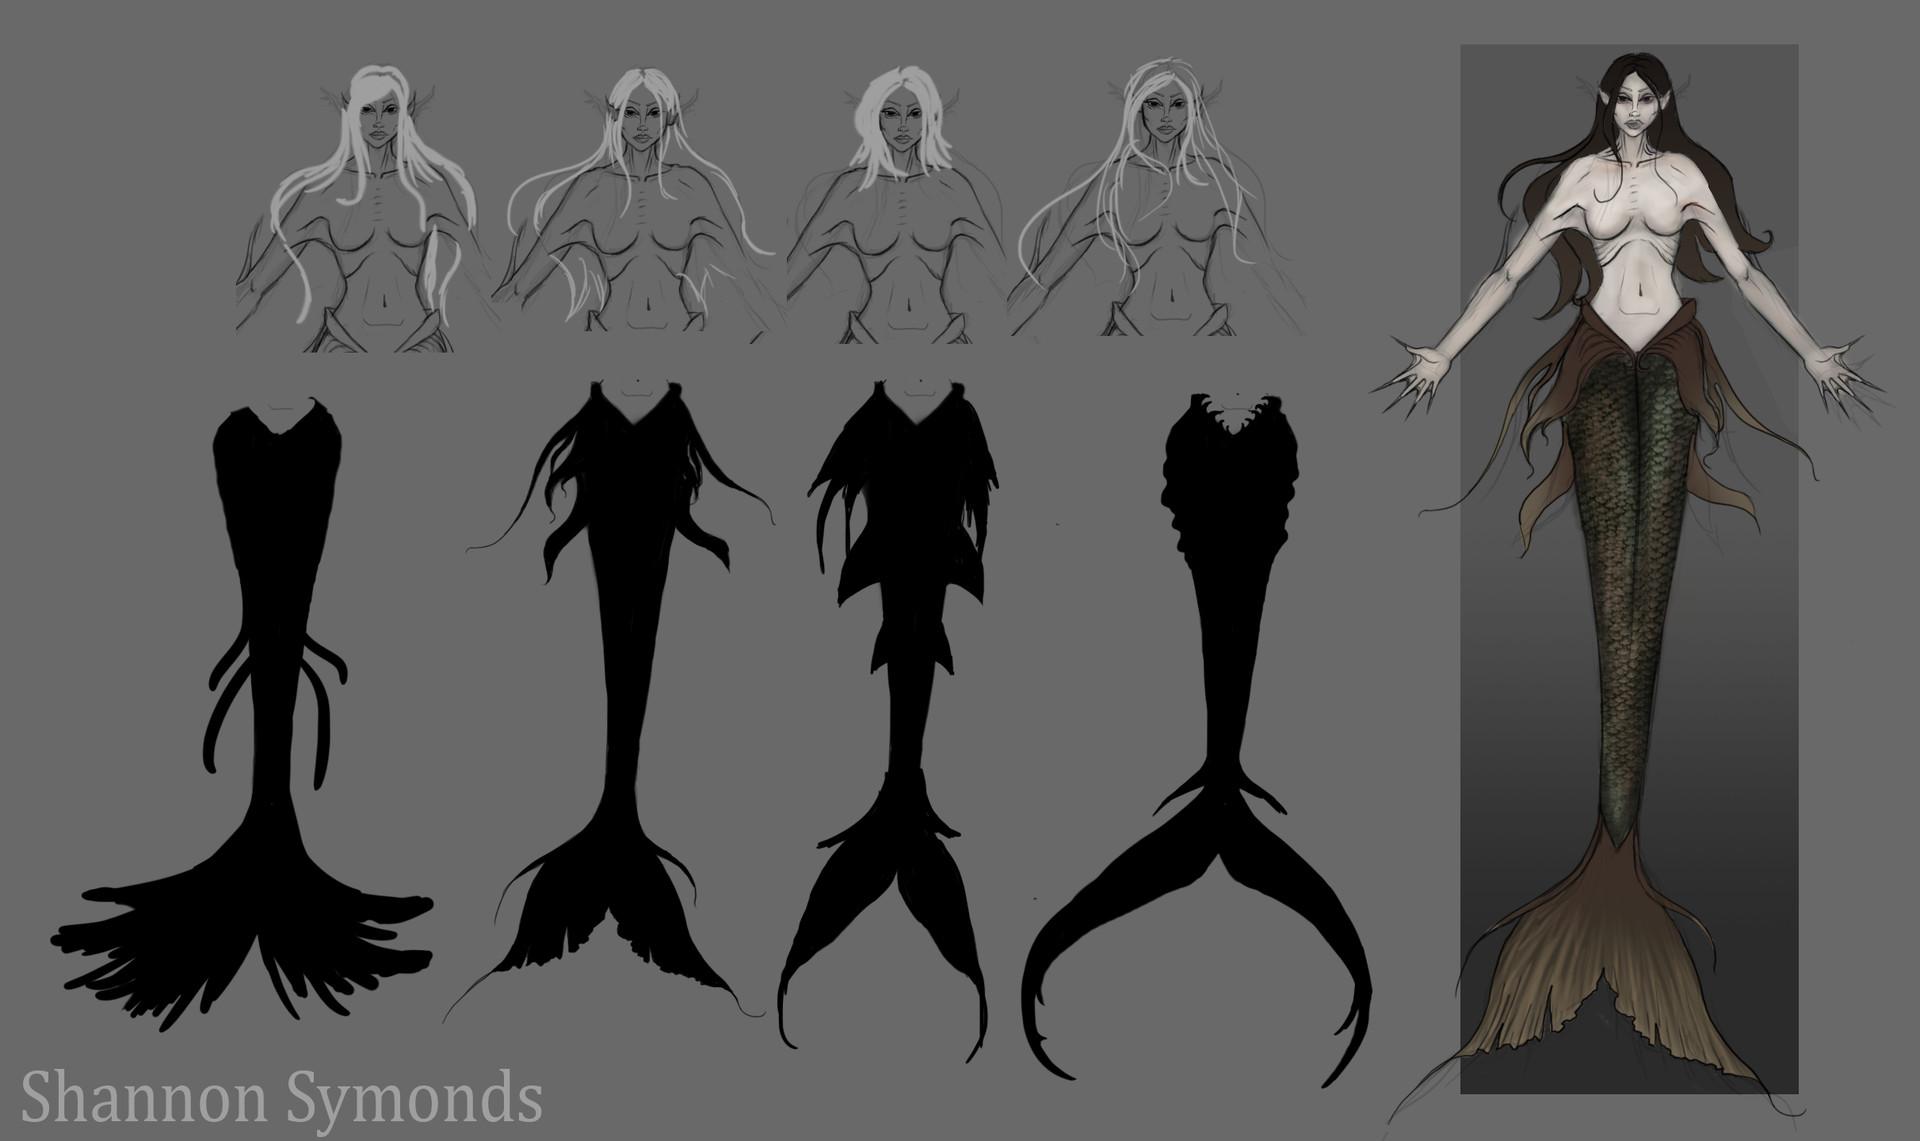 Shannon symonds mermaid concept